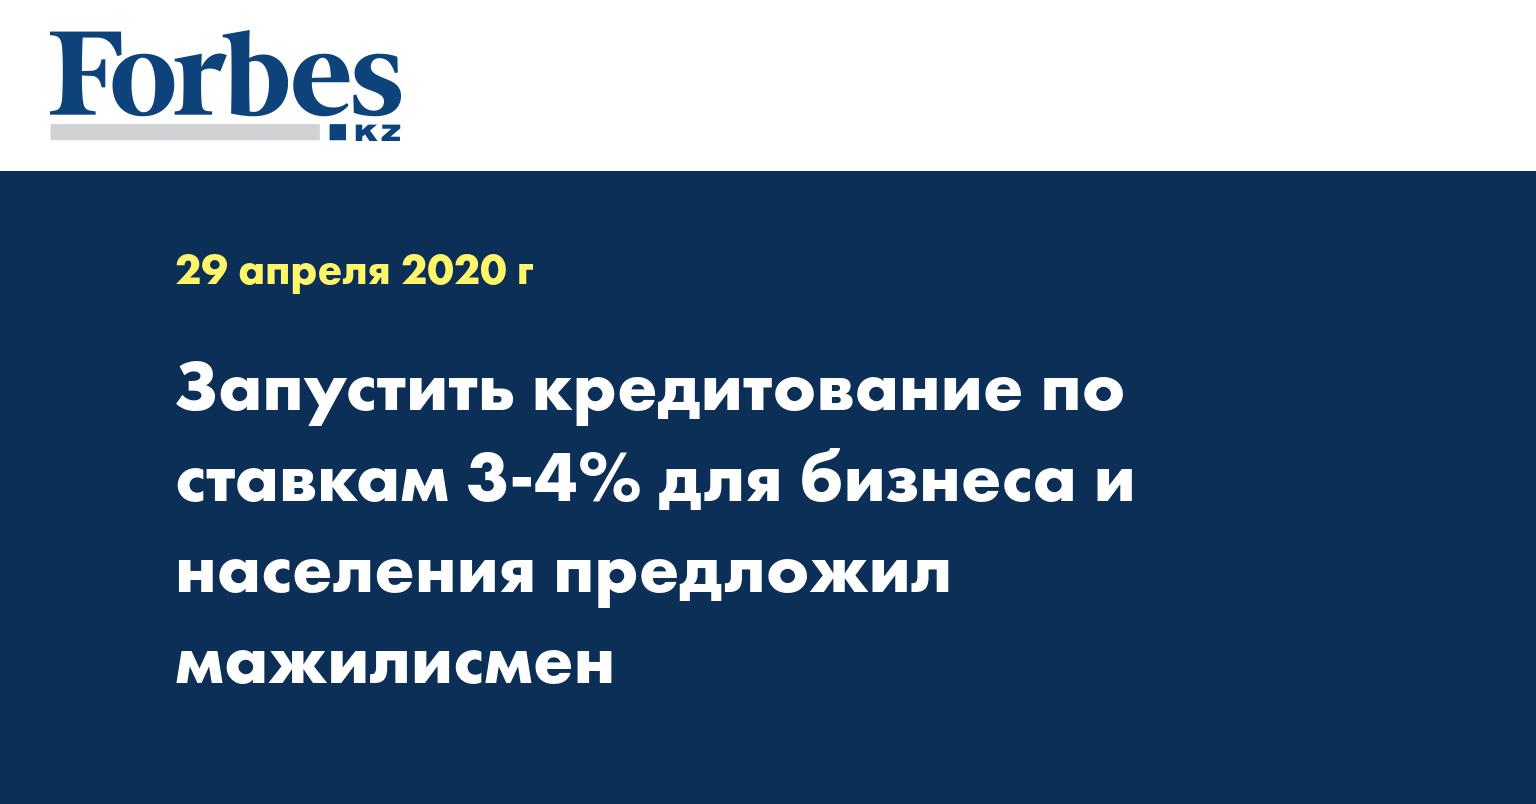 Запустить кредитование по ставкам 3-4% для бизнеса предложил мажилисмен